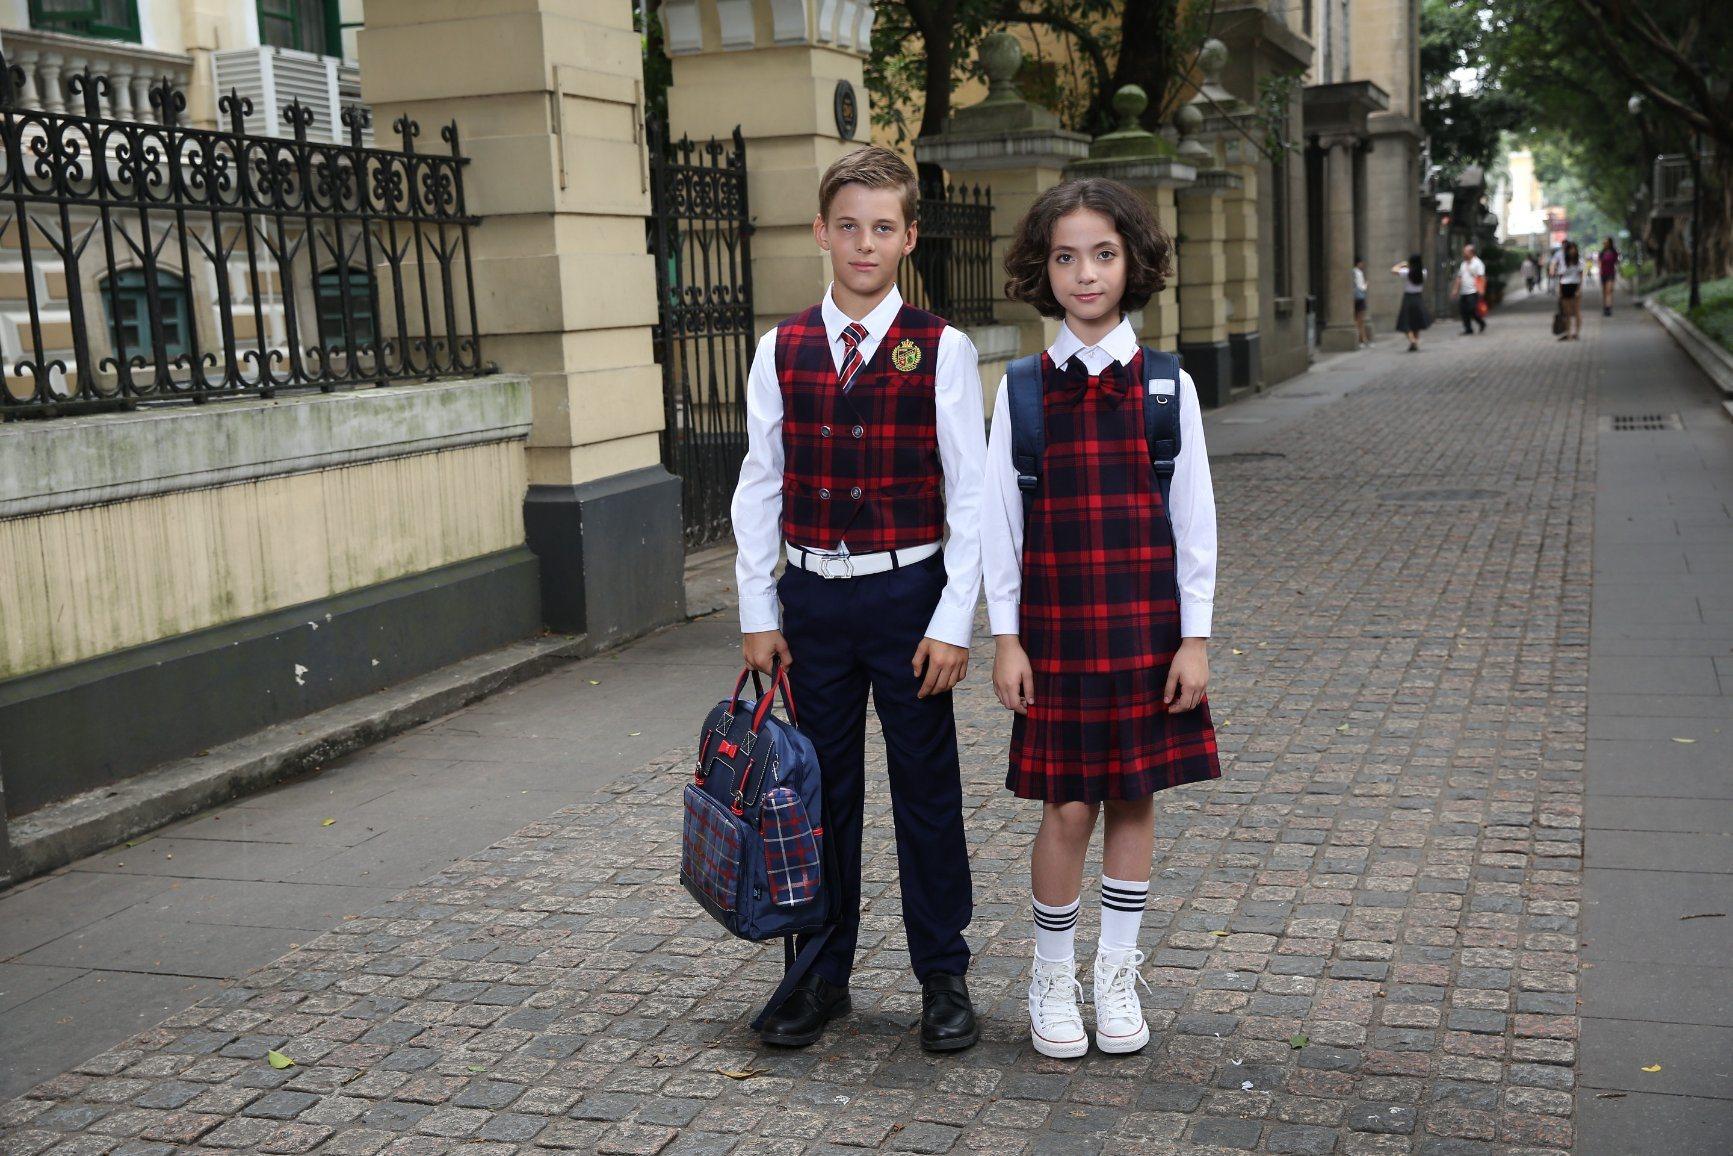 0a50798b0b0cc Vestido de cuadros escoceses primaria Escolares uniformes escolares ropa